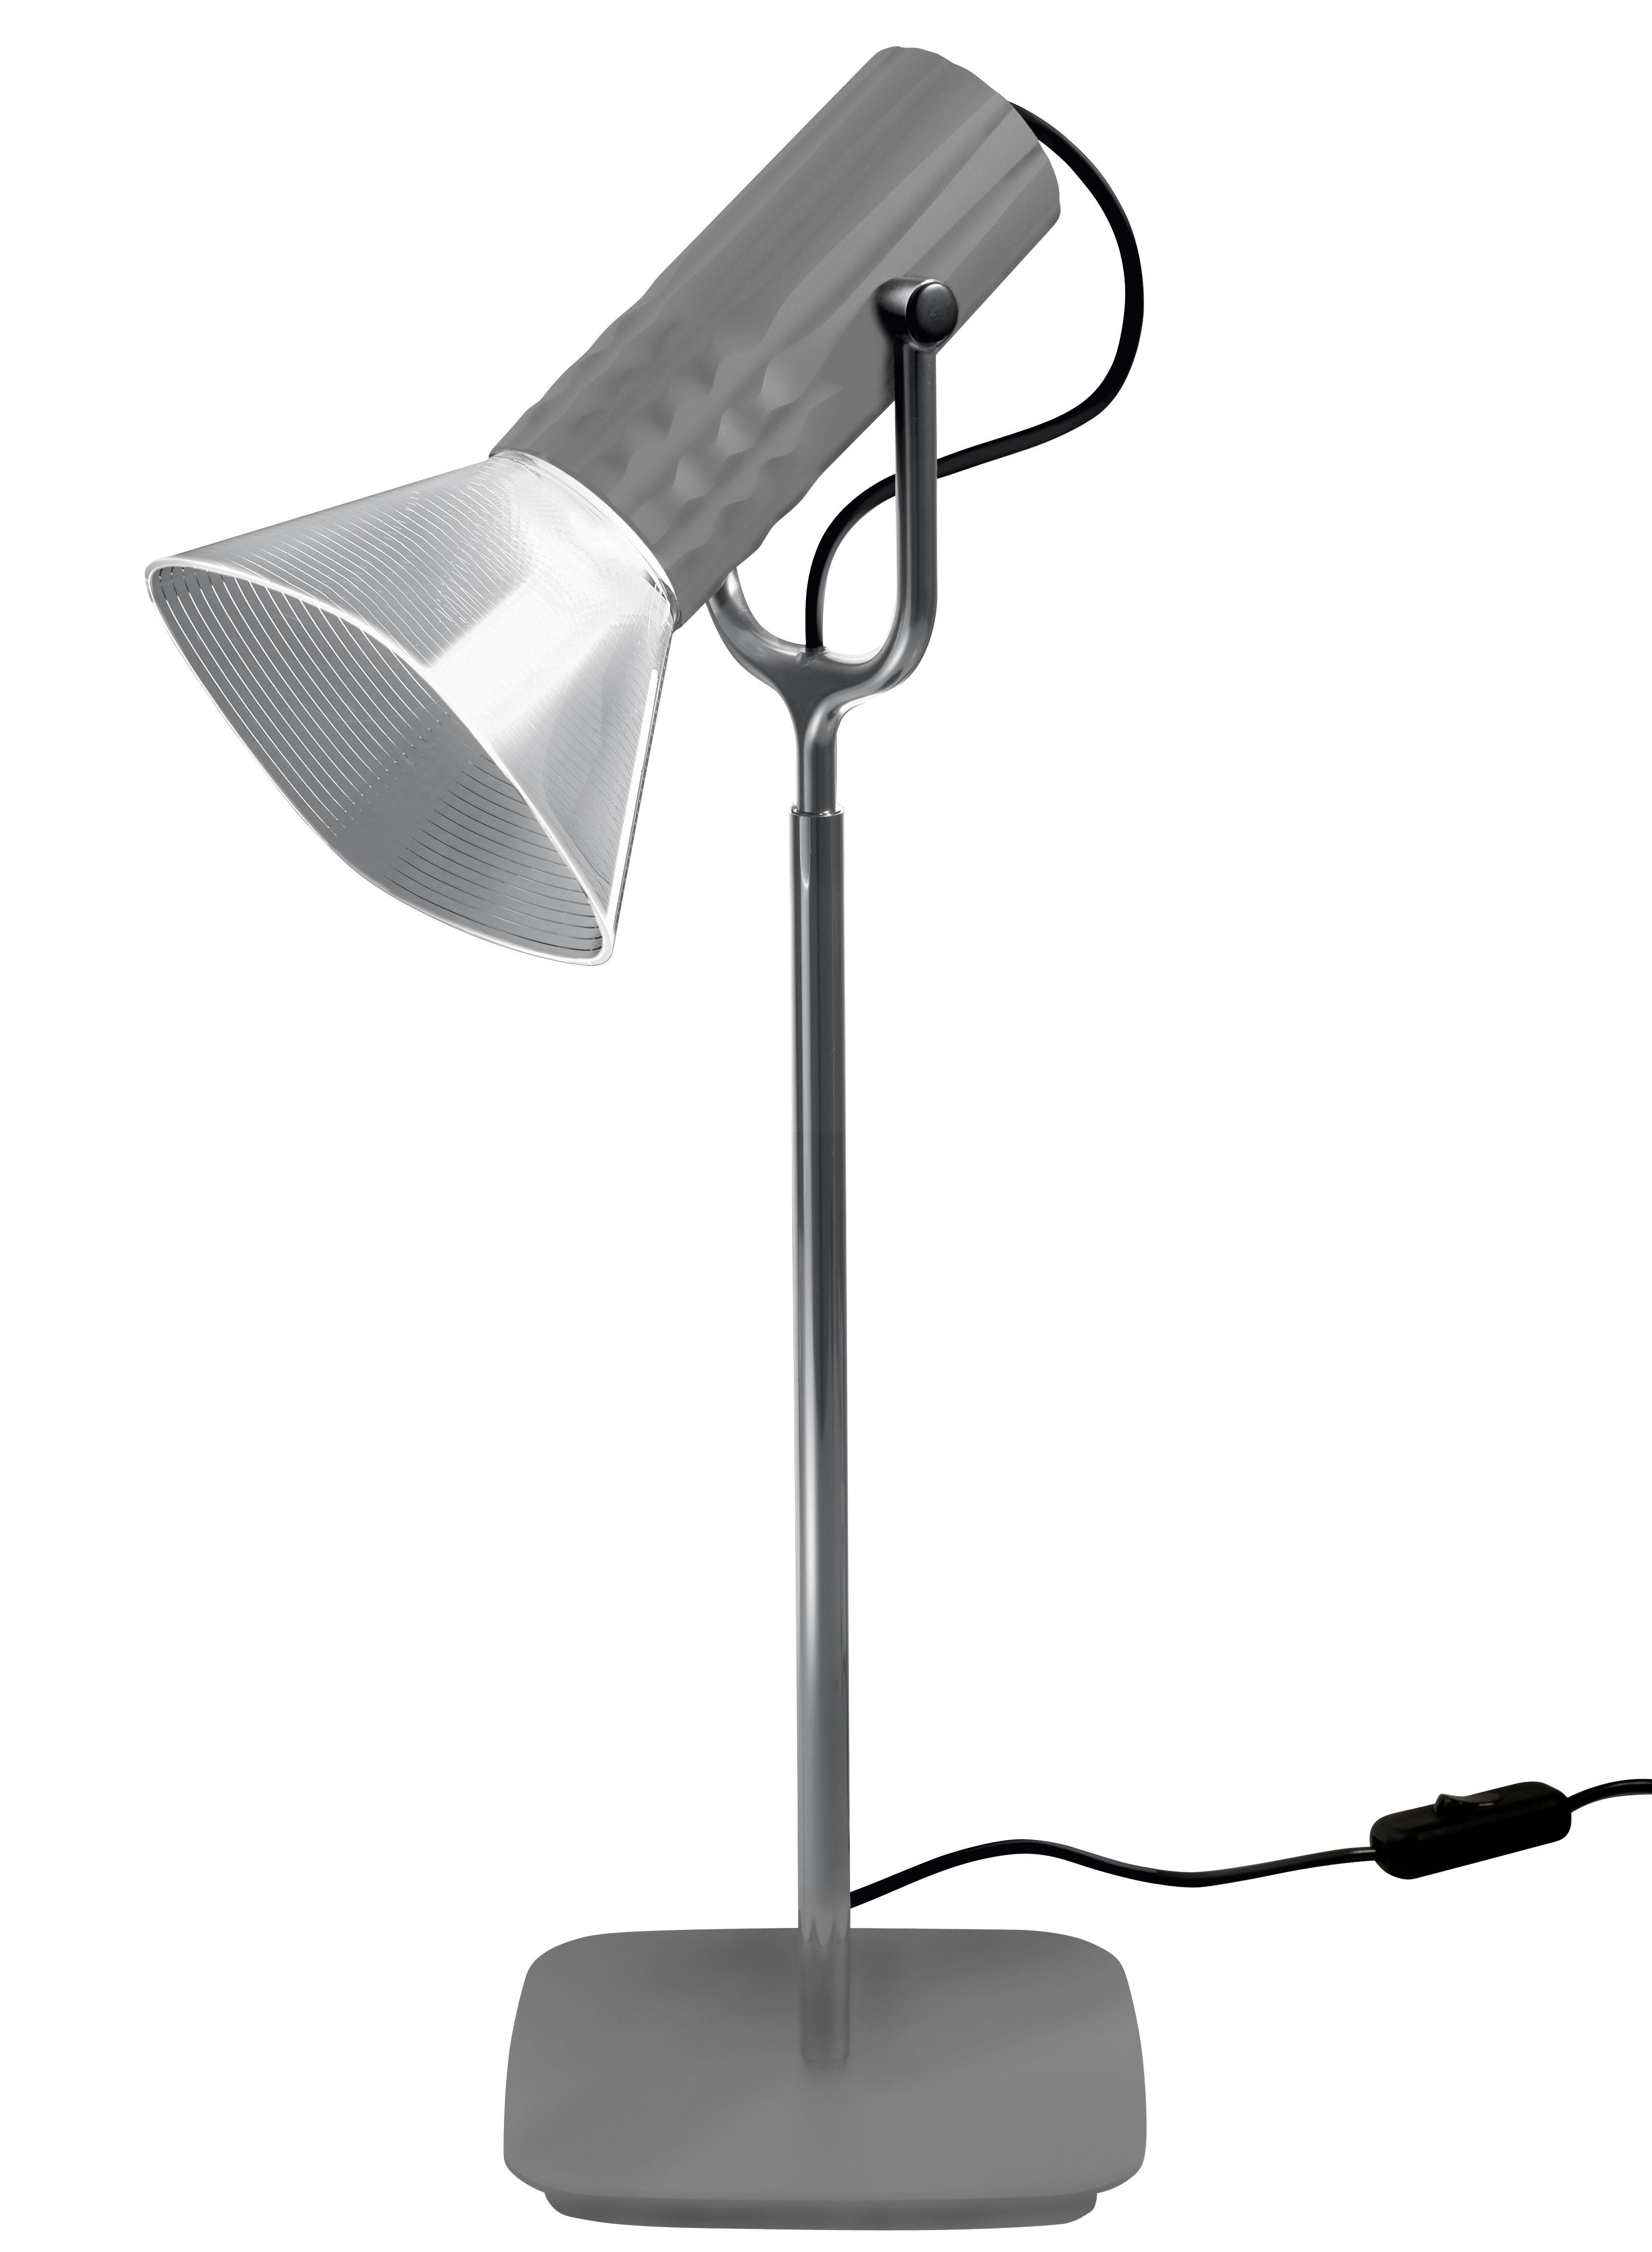 Luminaire - Lampes de table - Lampe de table Fiamma / H 54 cm - Artemide - Gris - Matière plastique, Métal